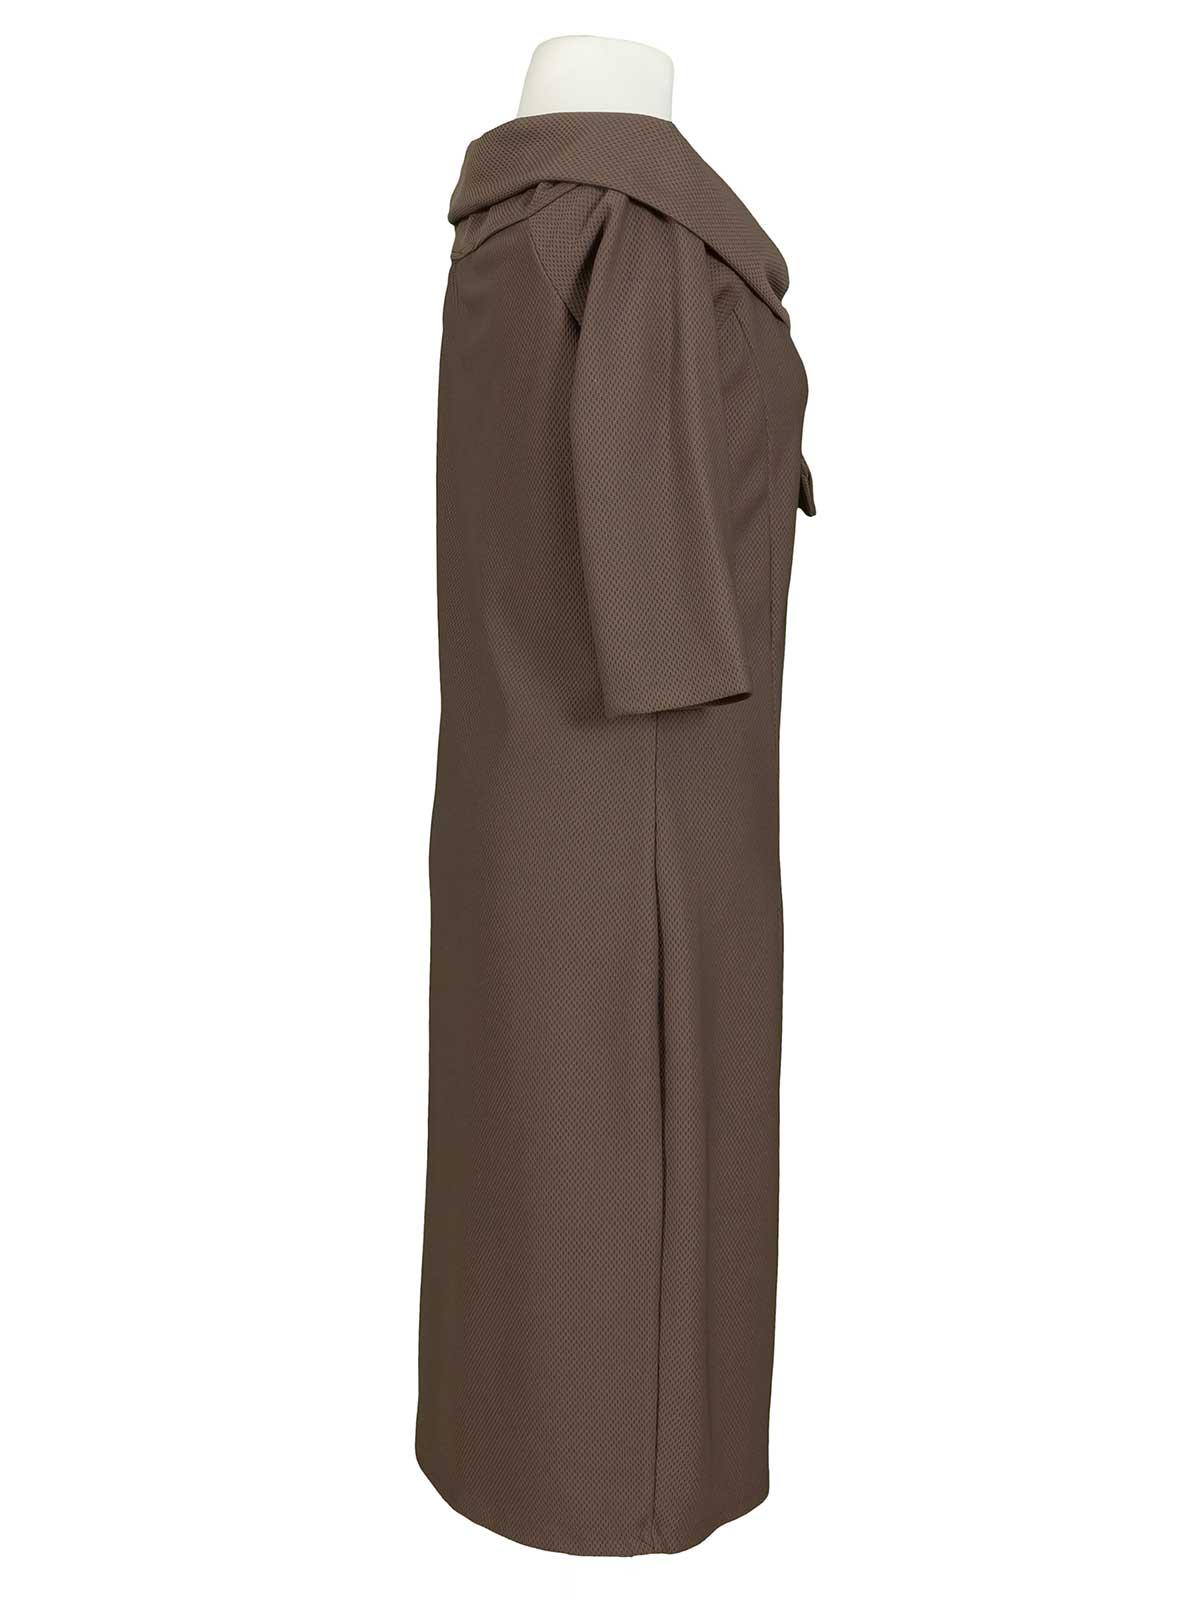 Jersey Kleid, braun von Pronto Moda | meinkleidchen